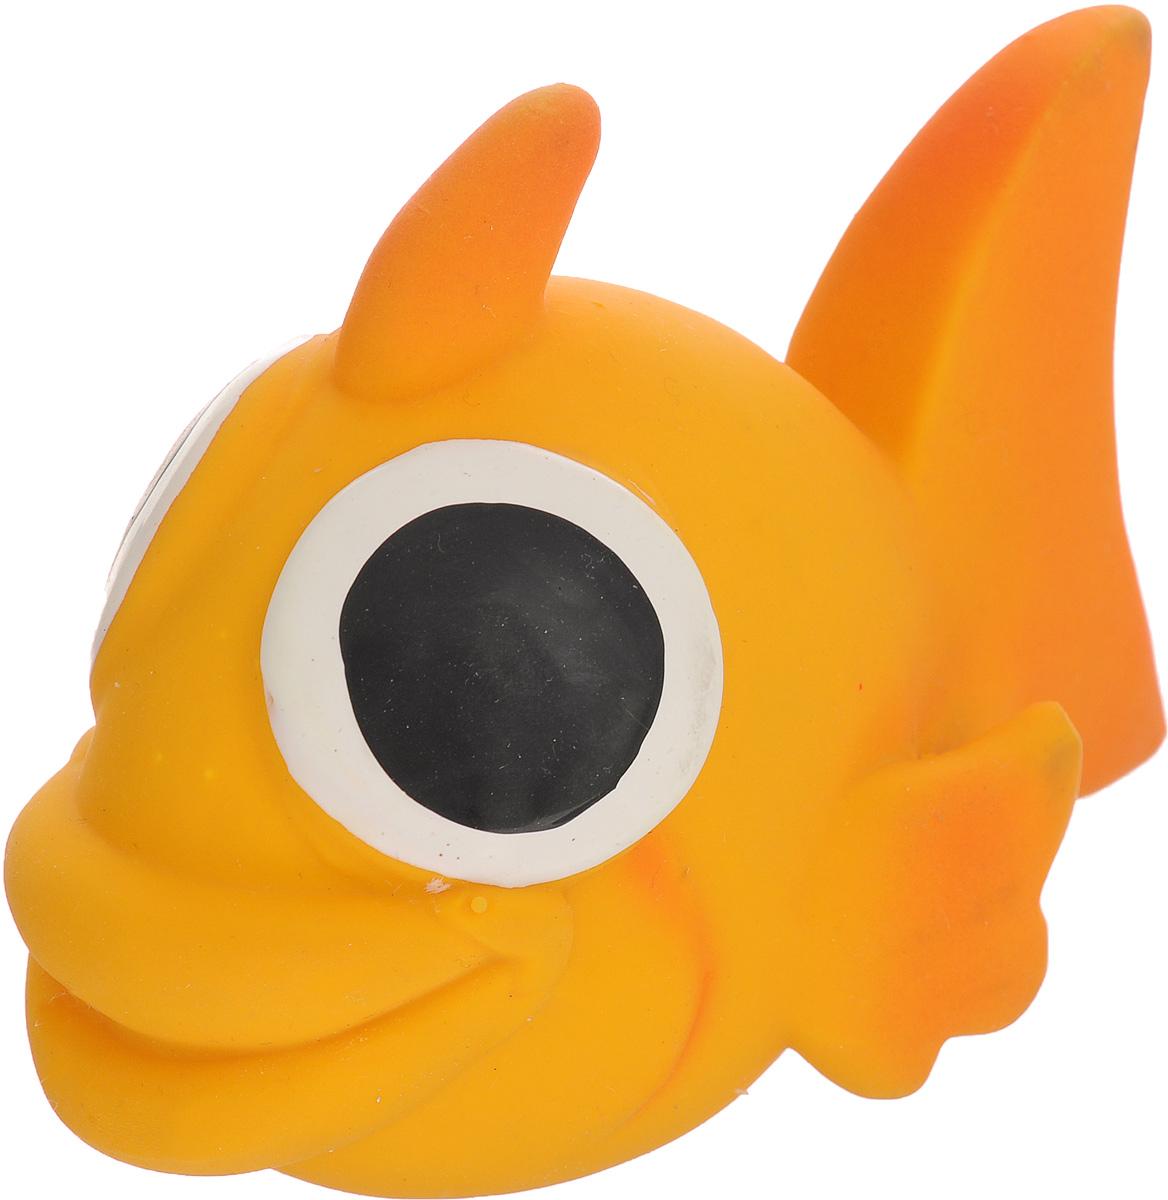 Игрушка для собак Beeztees I.P.T.S. Рыбка, цвет: оранжевый16263/620875_оранжевыйИгрушка для собак Beeztees I.P.T.S. изготовлена из безопасного латекса в форме забавной рыбки с большими глазами. Игрушка снабжена пищалкой. Предназначена для игр с собаками разных возрастов. Такая игрушка привлечет внимание вашего любимца и не оставит его равнодушным.